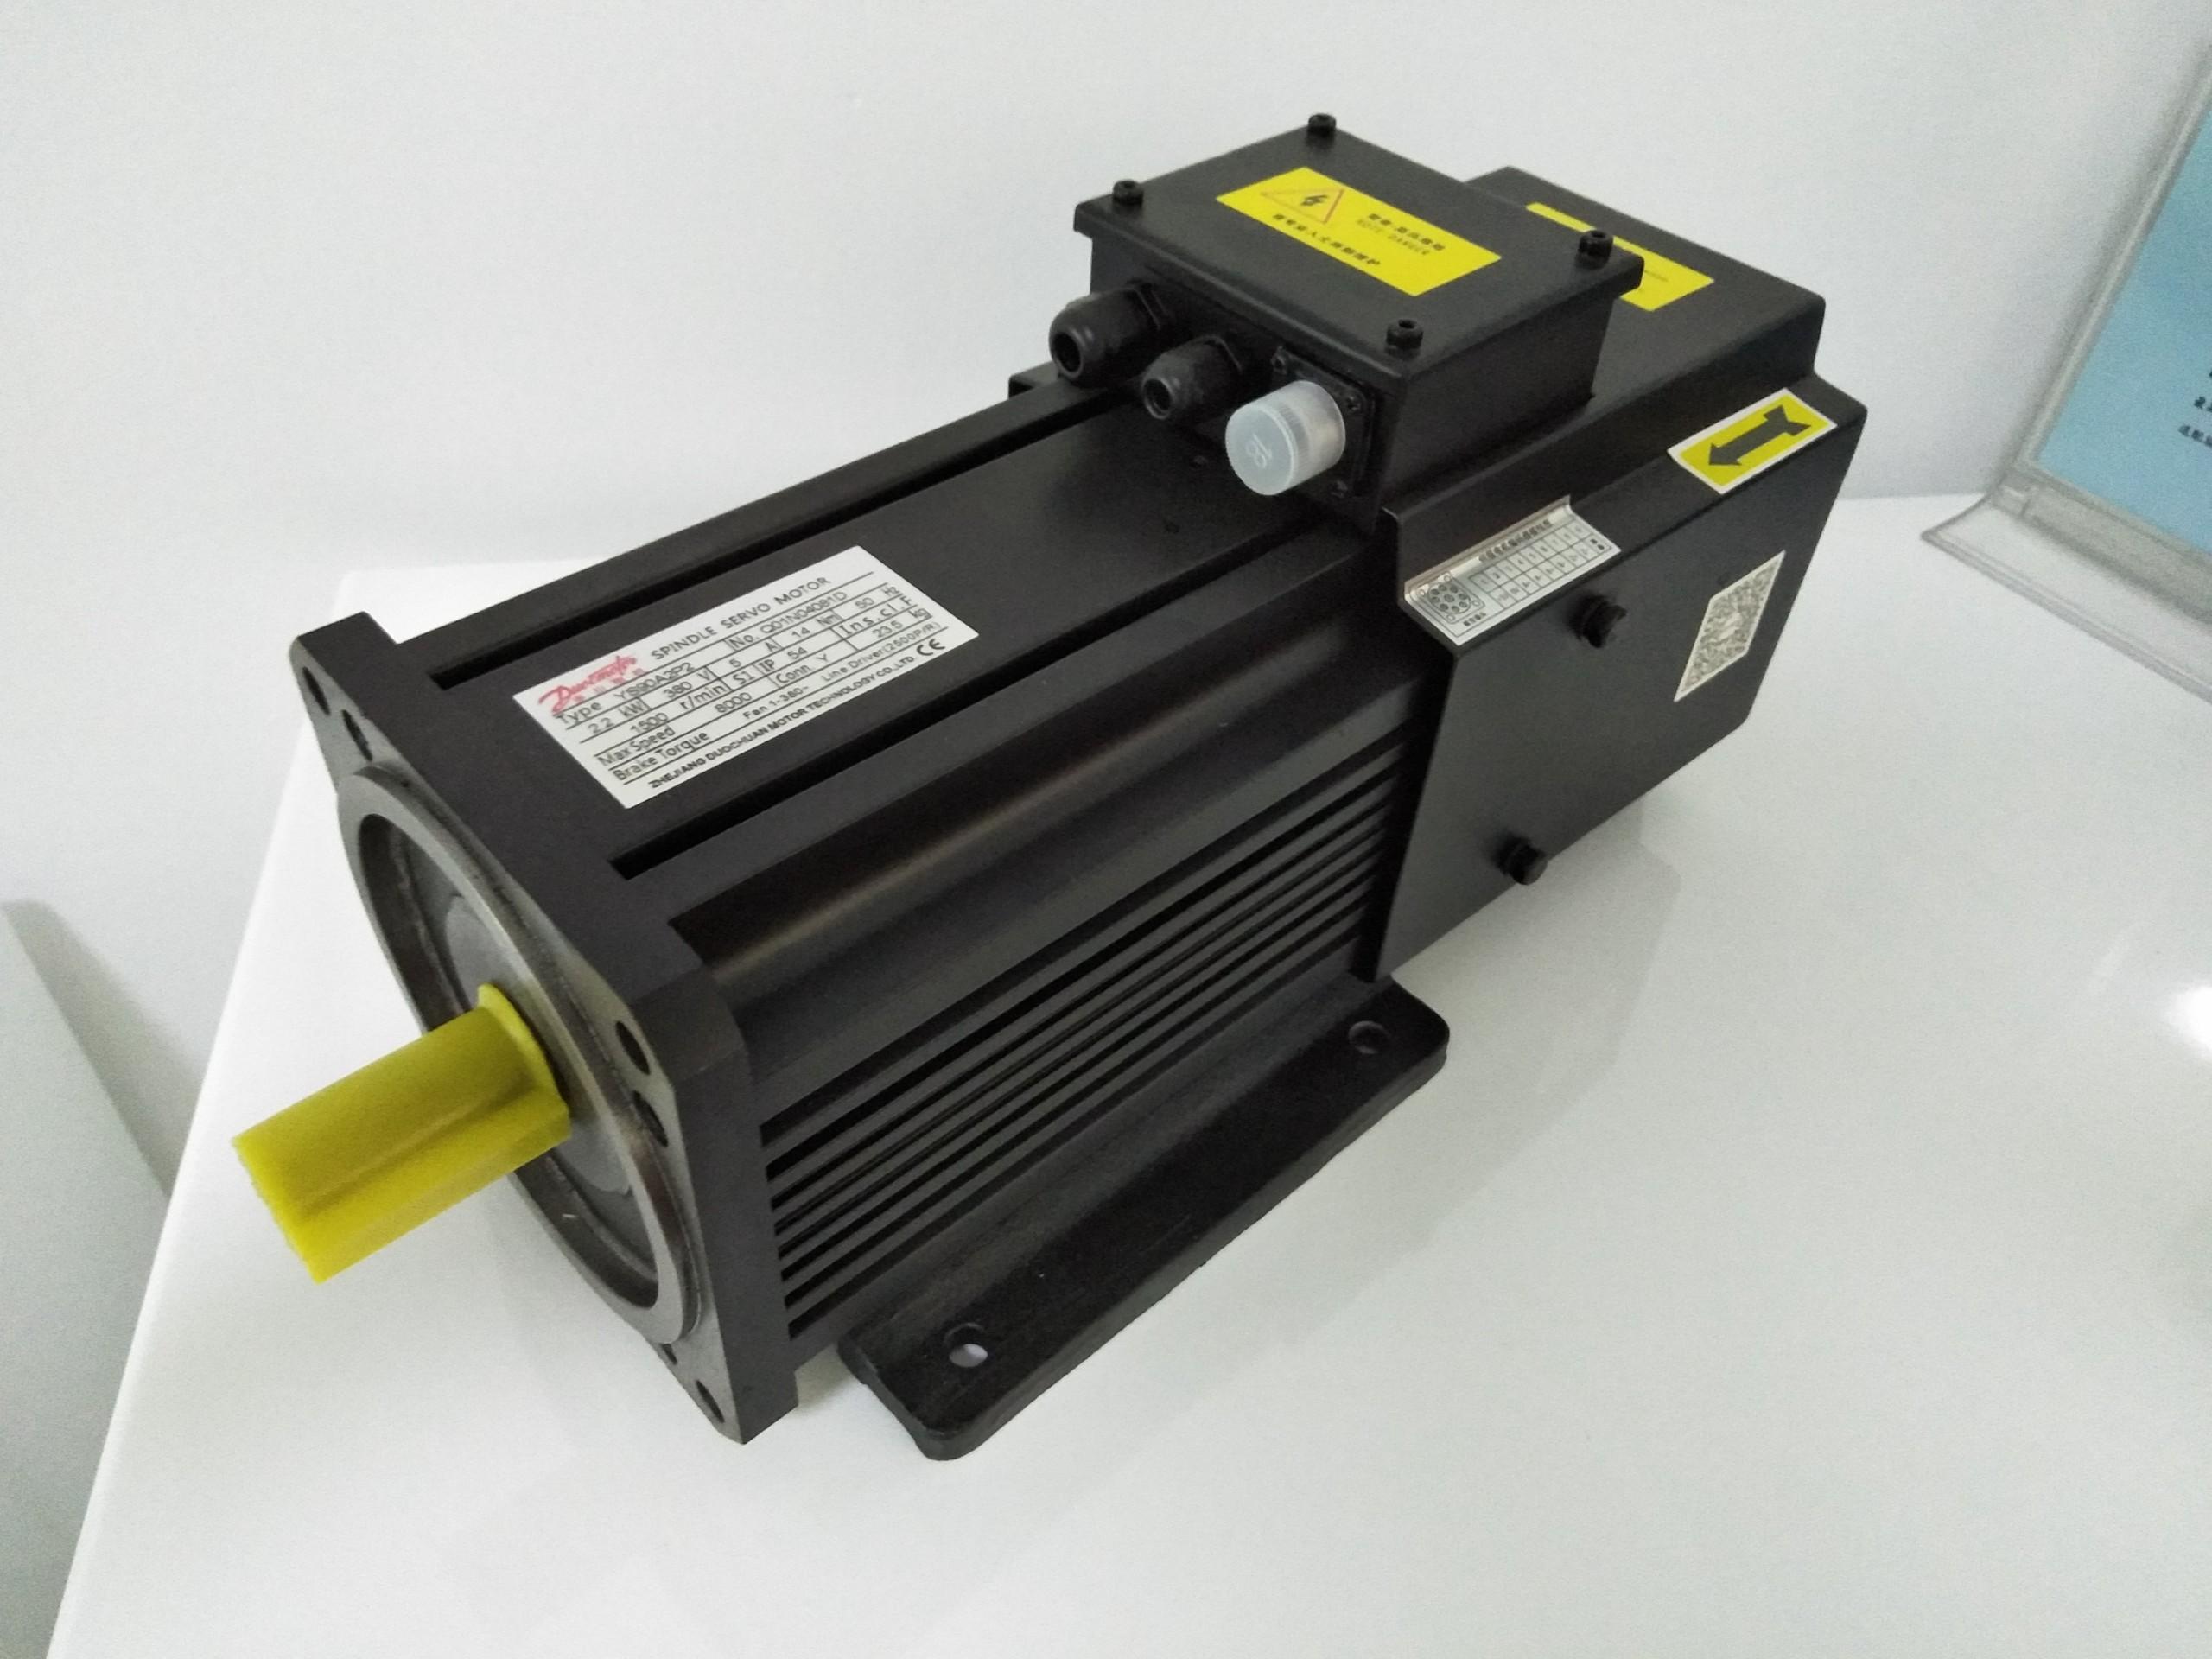 为什么单相电机要用电容,三相电机不需要电容?